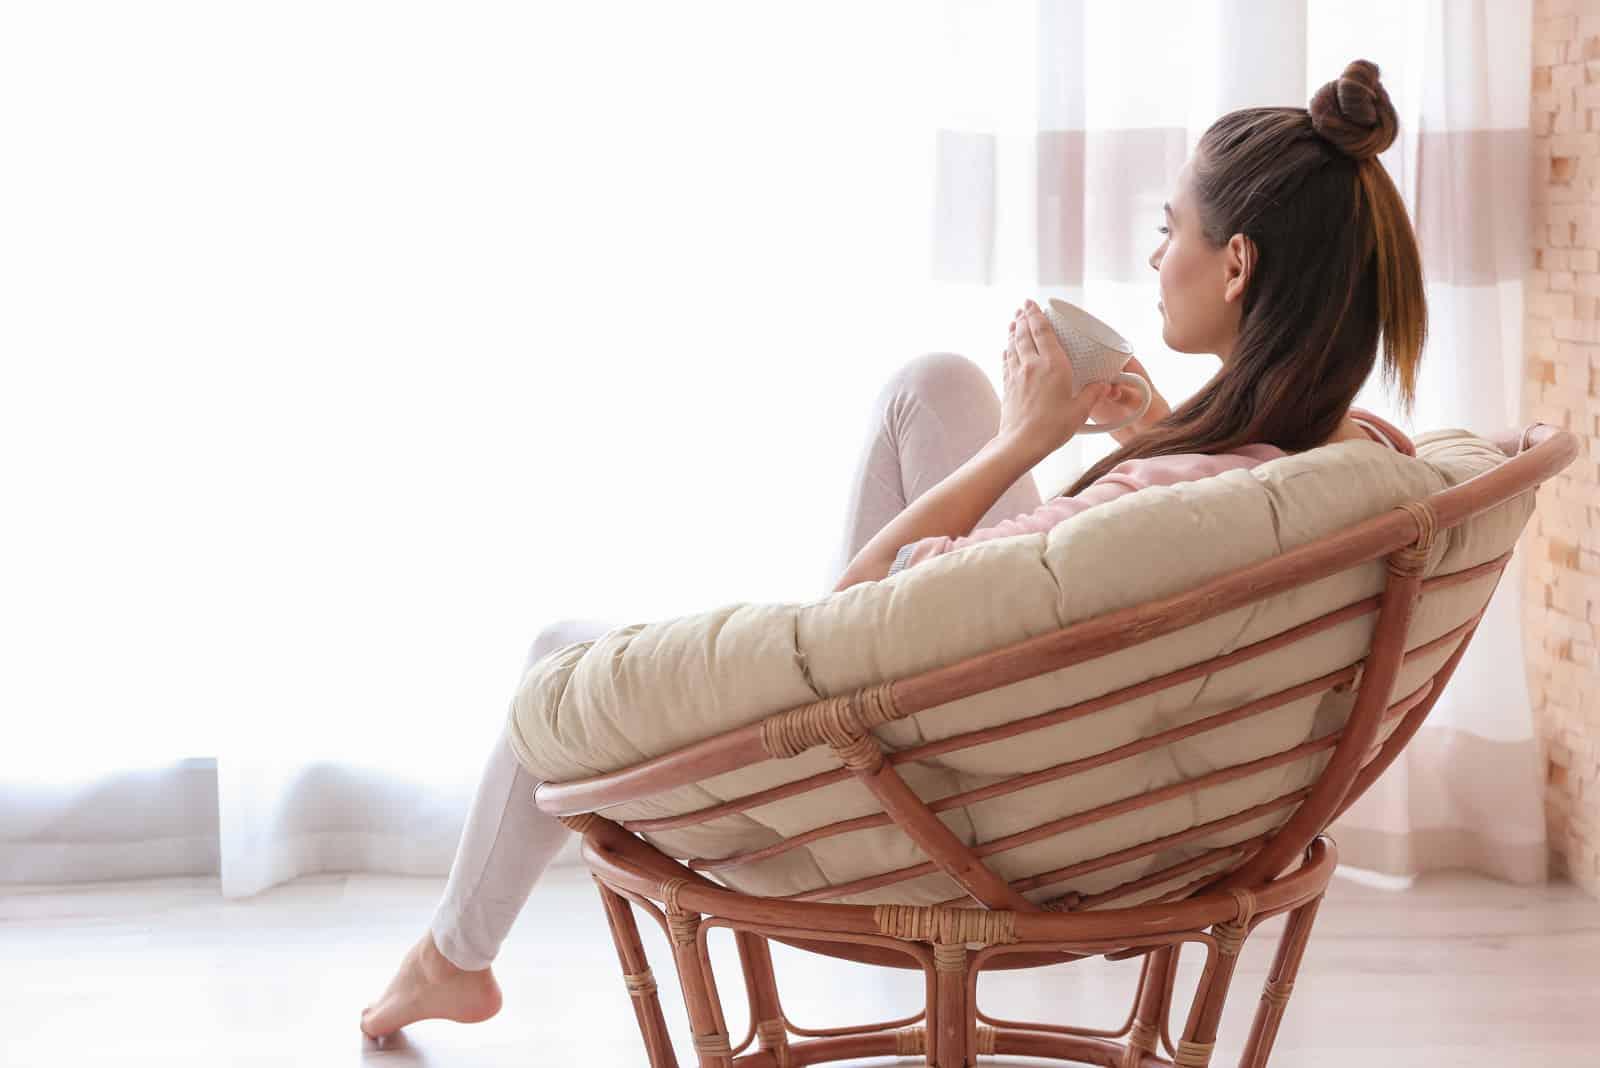 die frau sitzt auf einem stuhl und trinkt kaffee